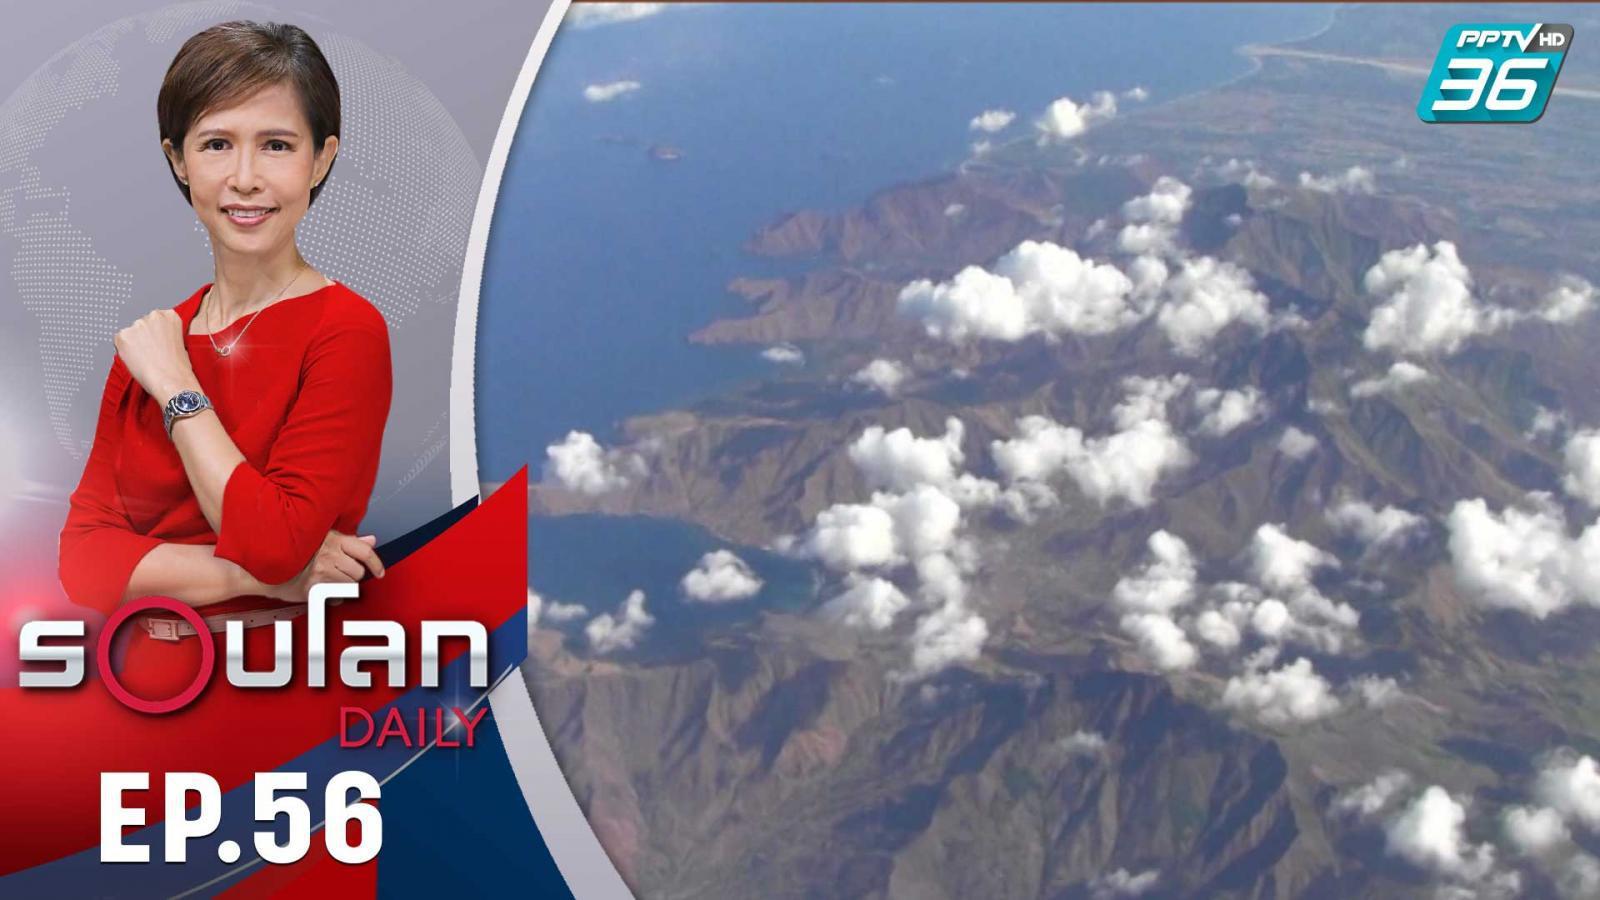 ทะเลจีนใต้เดือด! จีนยิงขีปนาวุธขู่เครื่องบินสอดแนมสหรัฐฯ